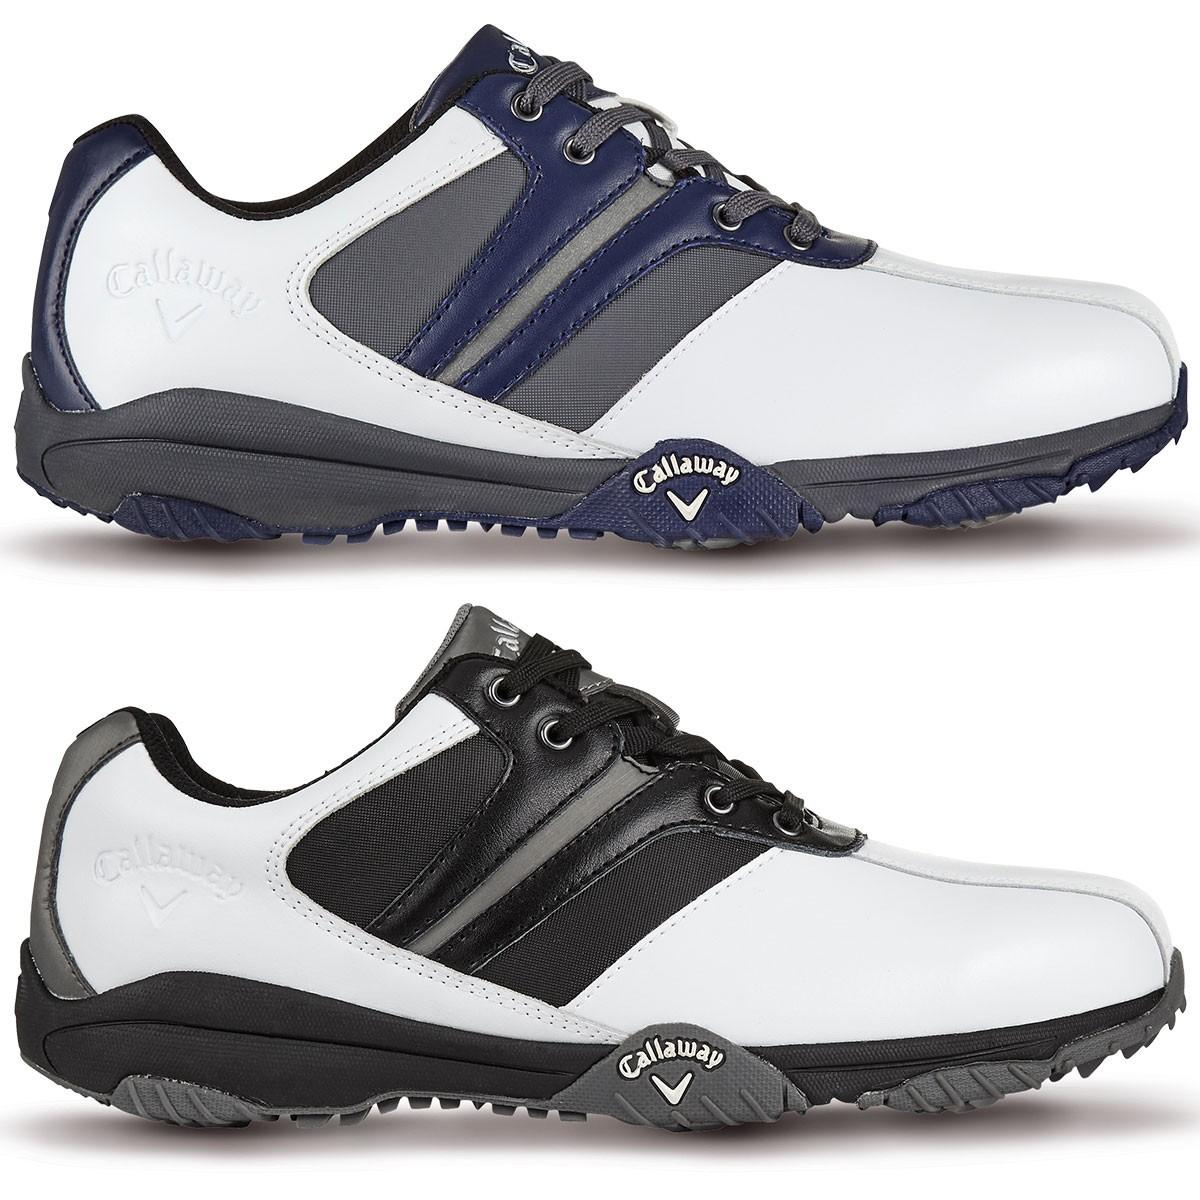 Callaway Golf Shoe Soft Spikes